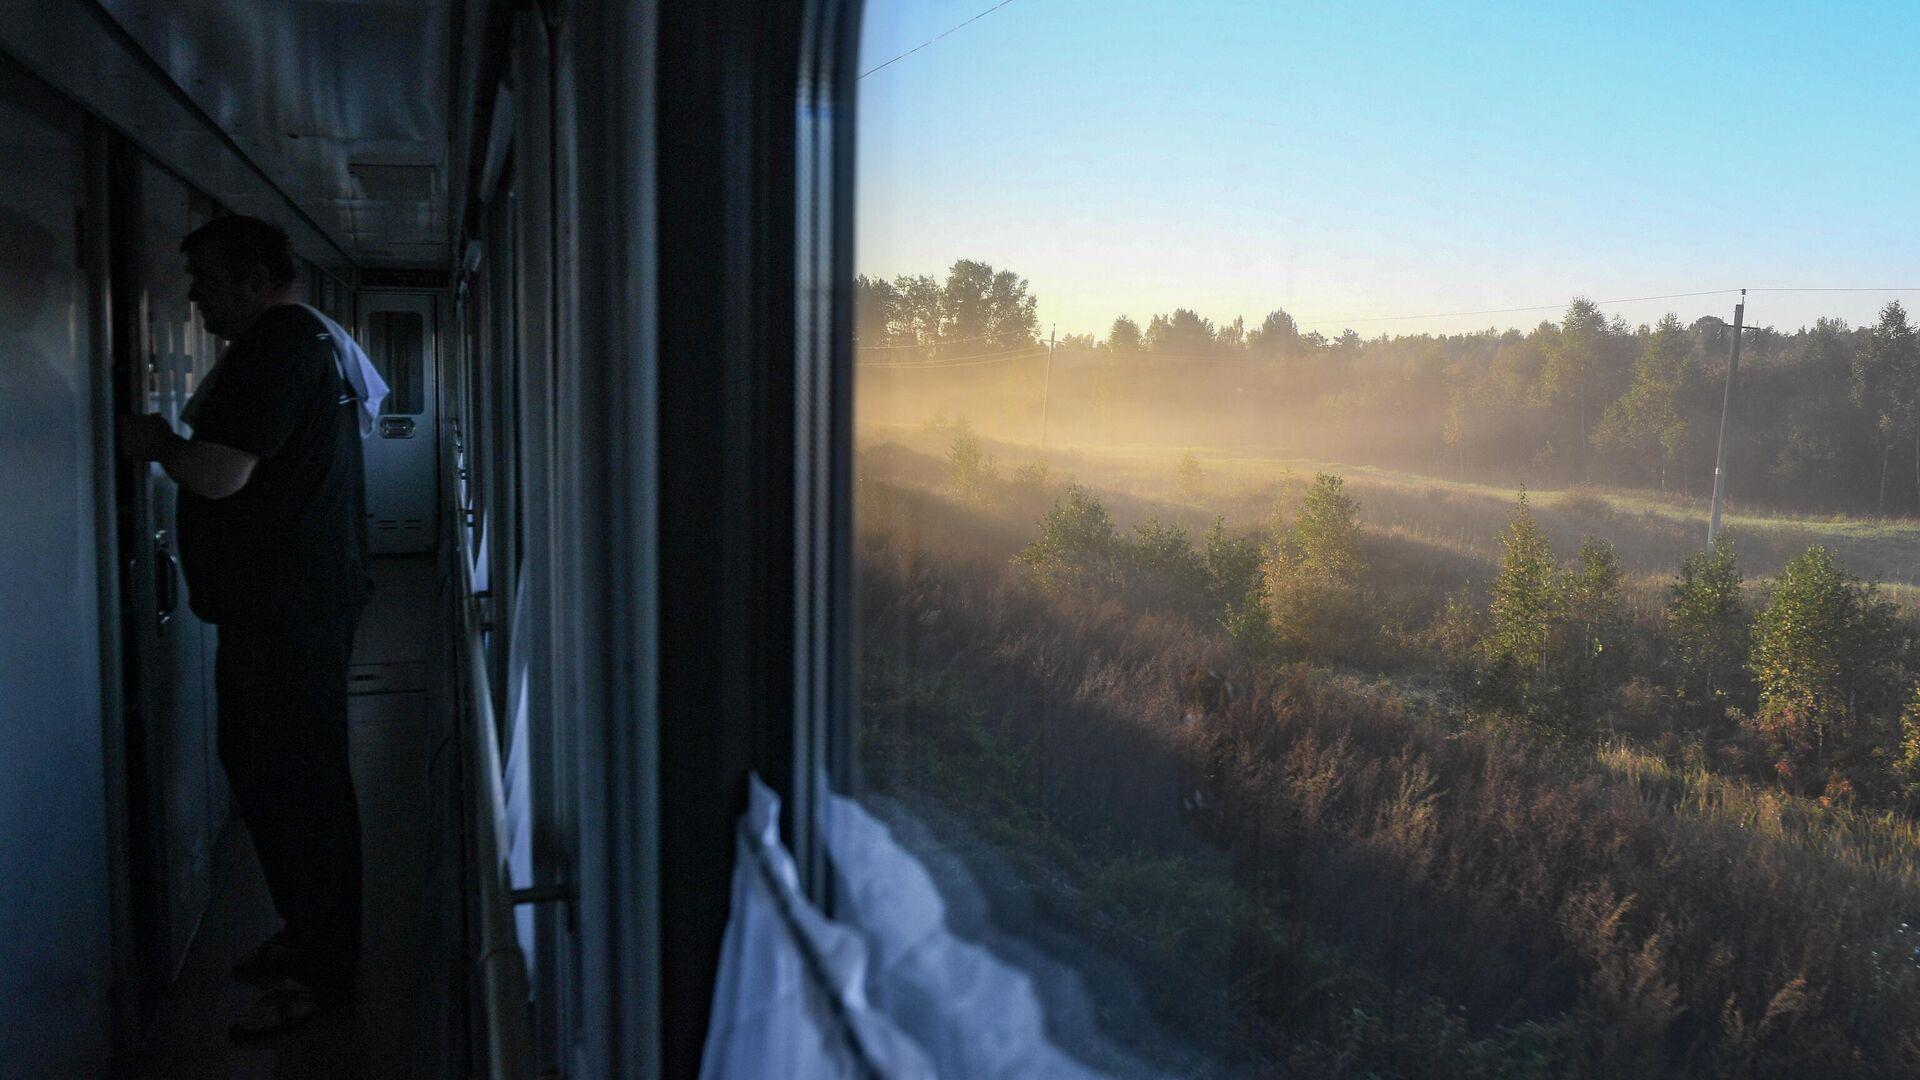 Вид из окна пассажирского поезда  - Sputnik Грузия, 1920, 12.10.2021